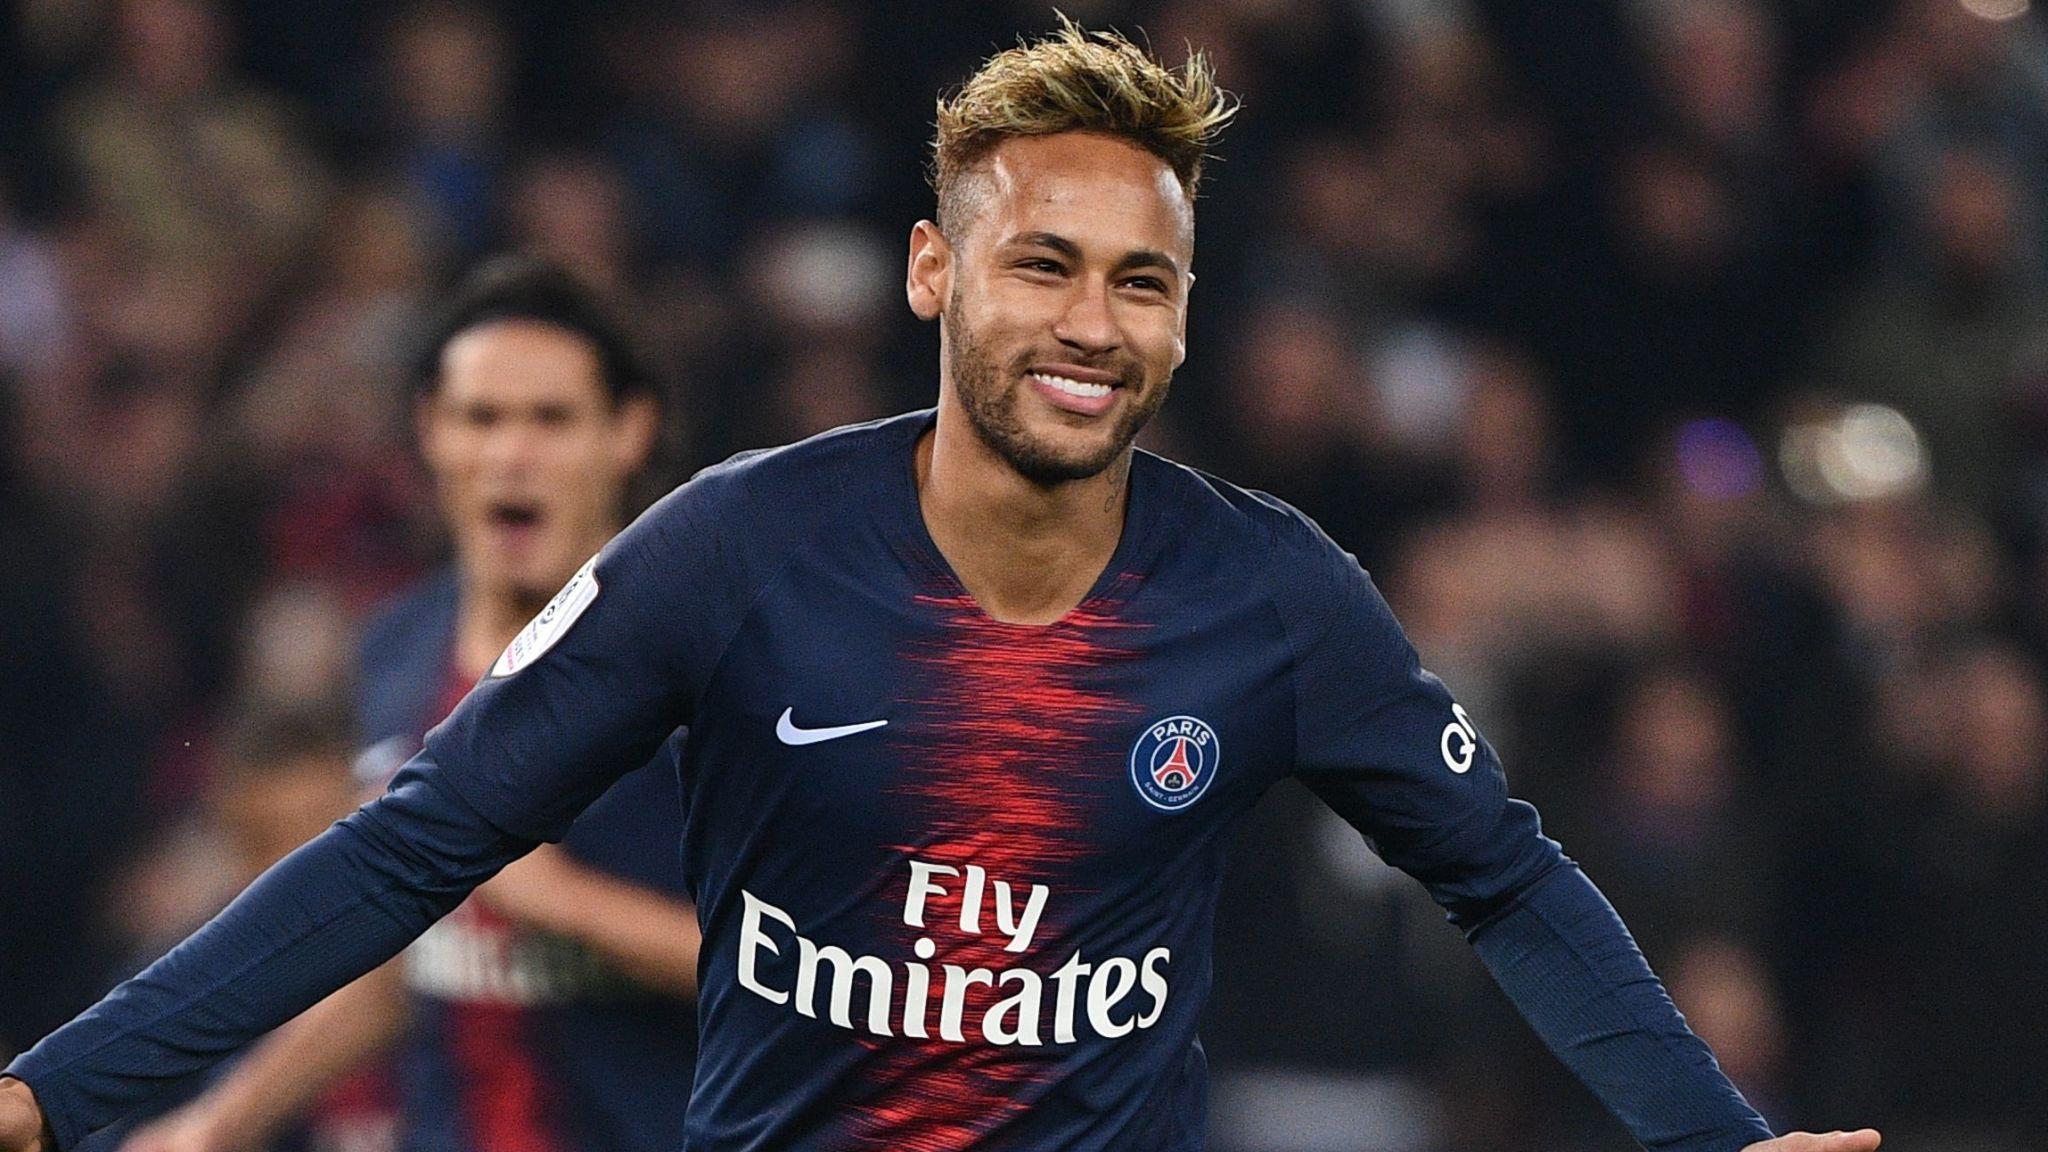 Neymar Jr. correndo, com a camiseta do PSG, após um gol